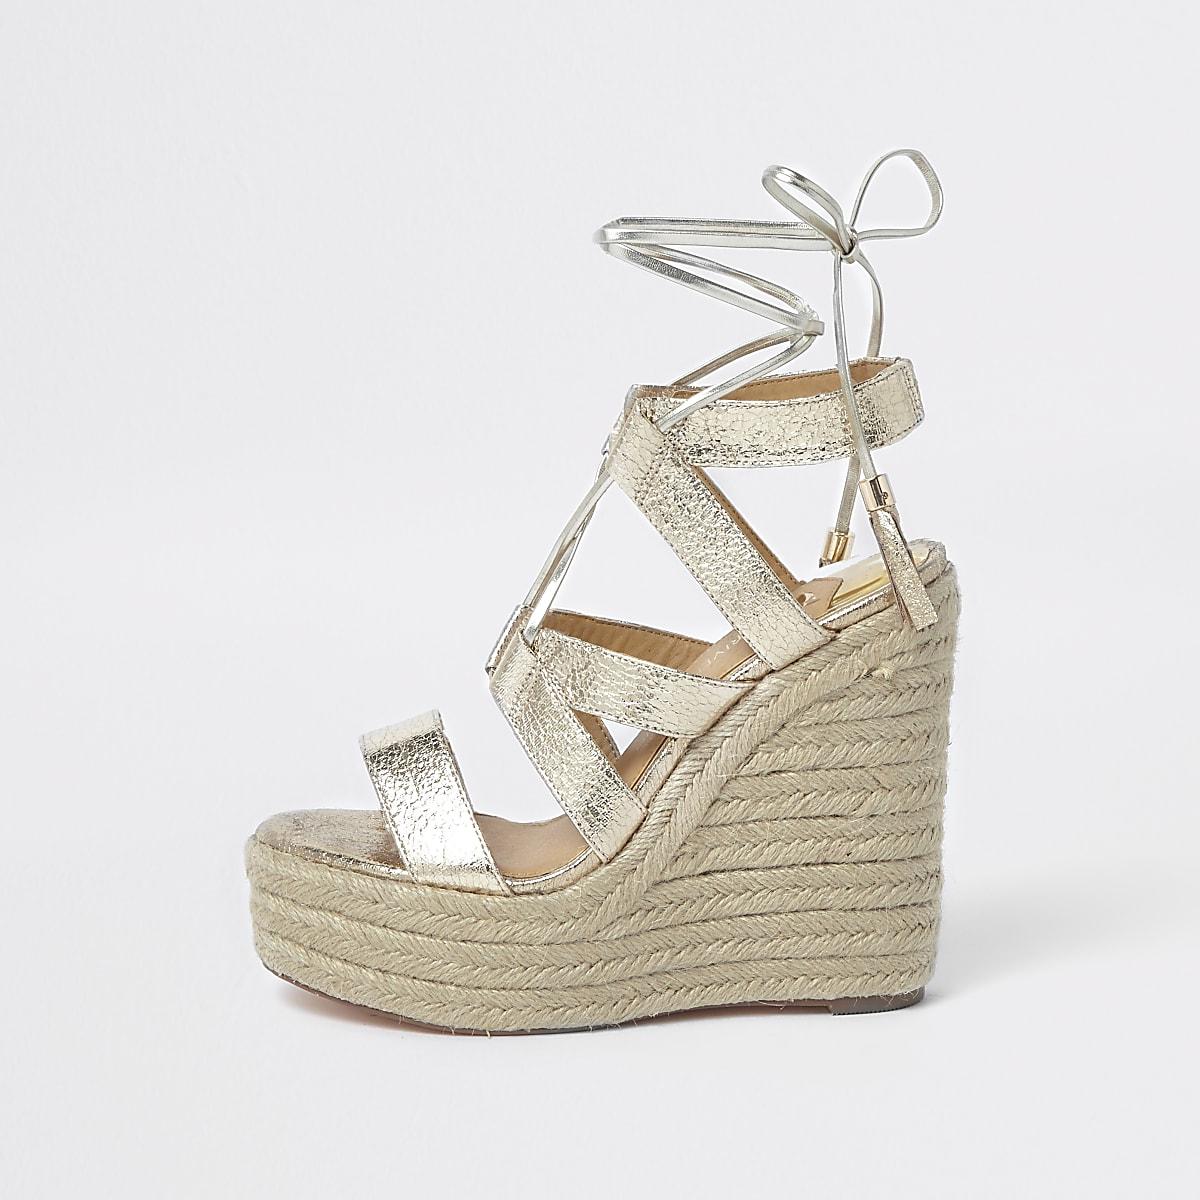 b6a4e25f53c544 ... Chaussures compensées façon espadrilles doré métallisé à lacets ...